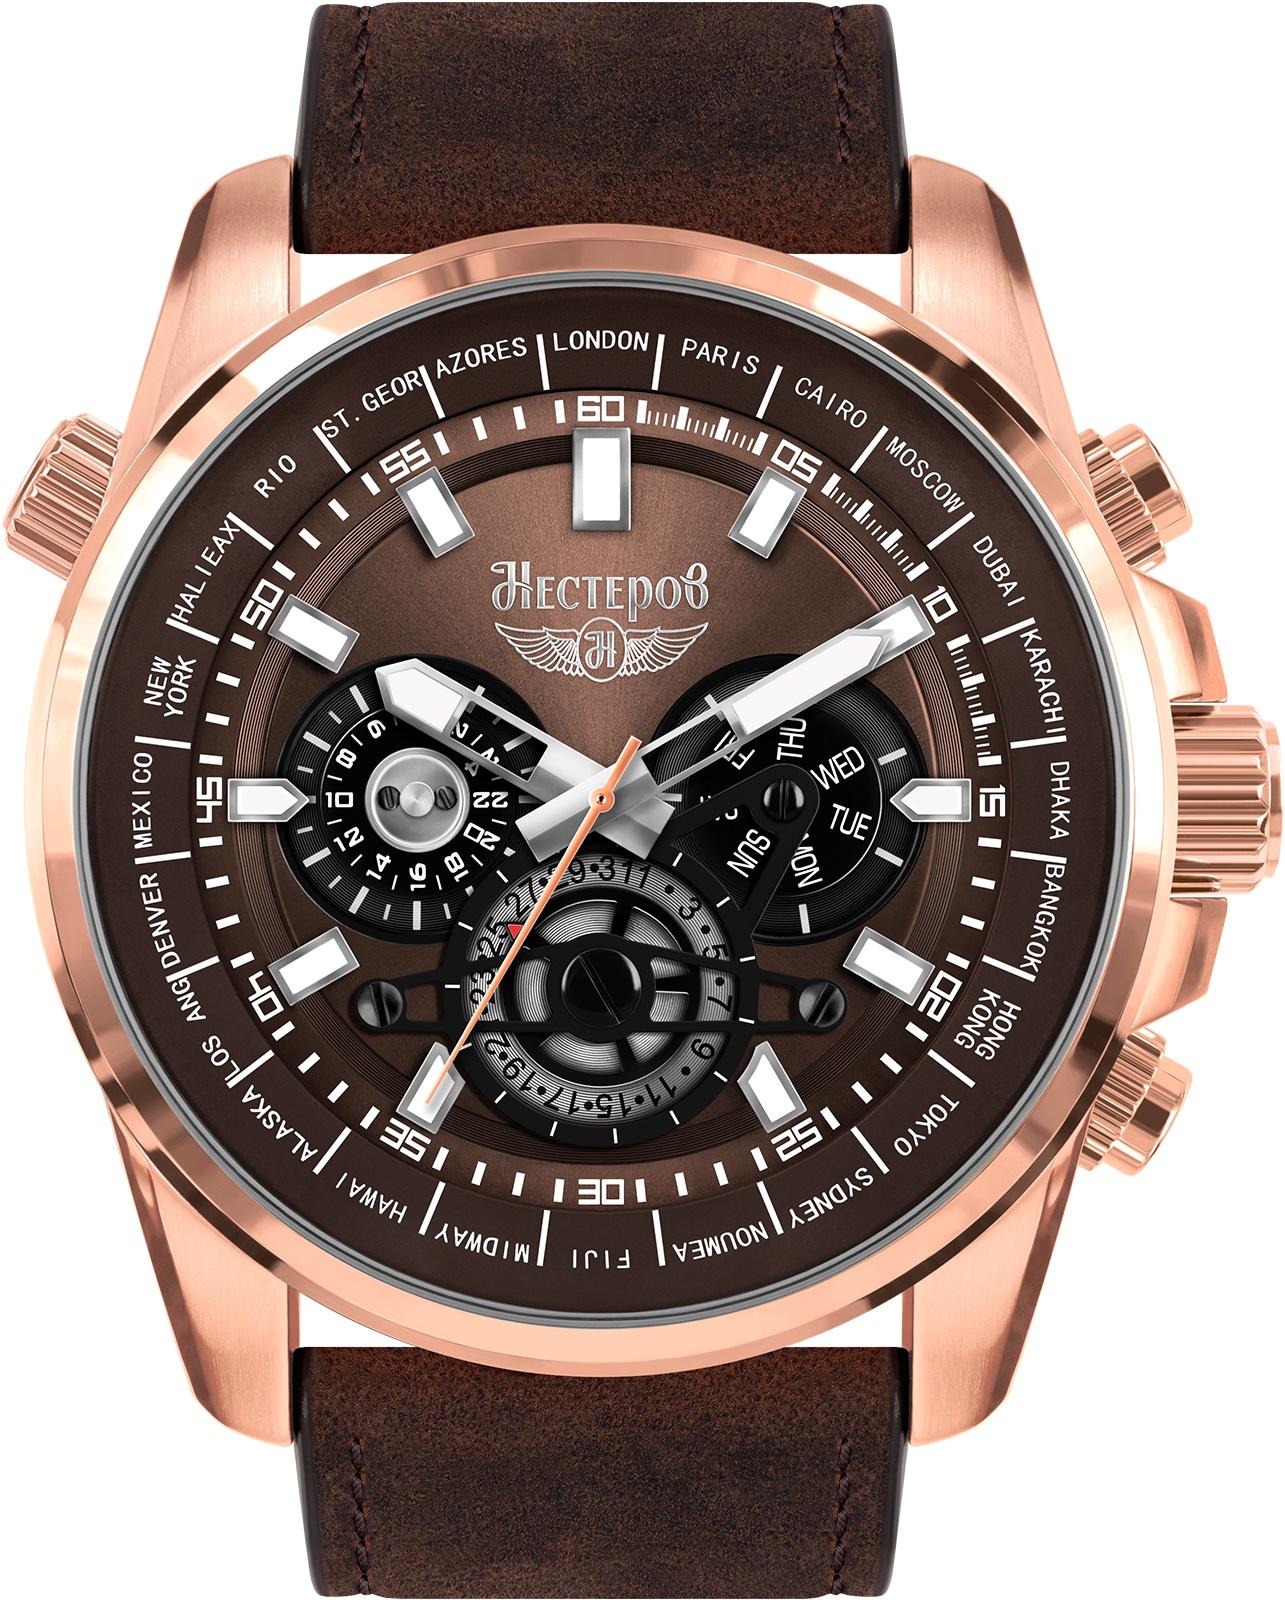 купить Наручные часы Нестеров H2491A52-132H по цене 21100 рублей